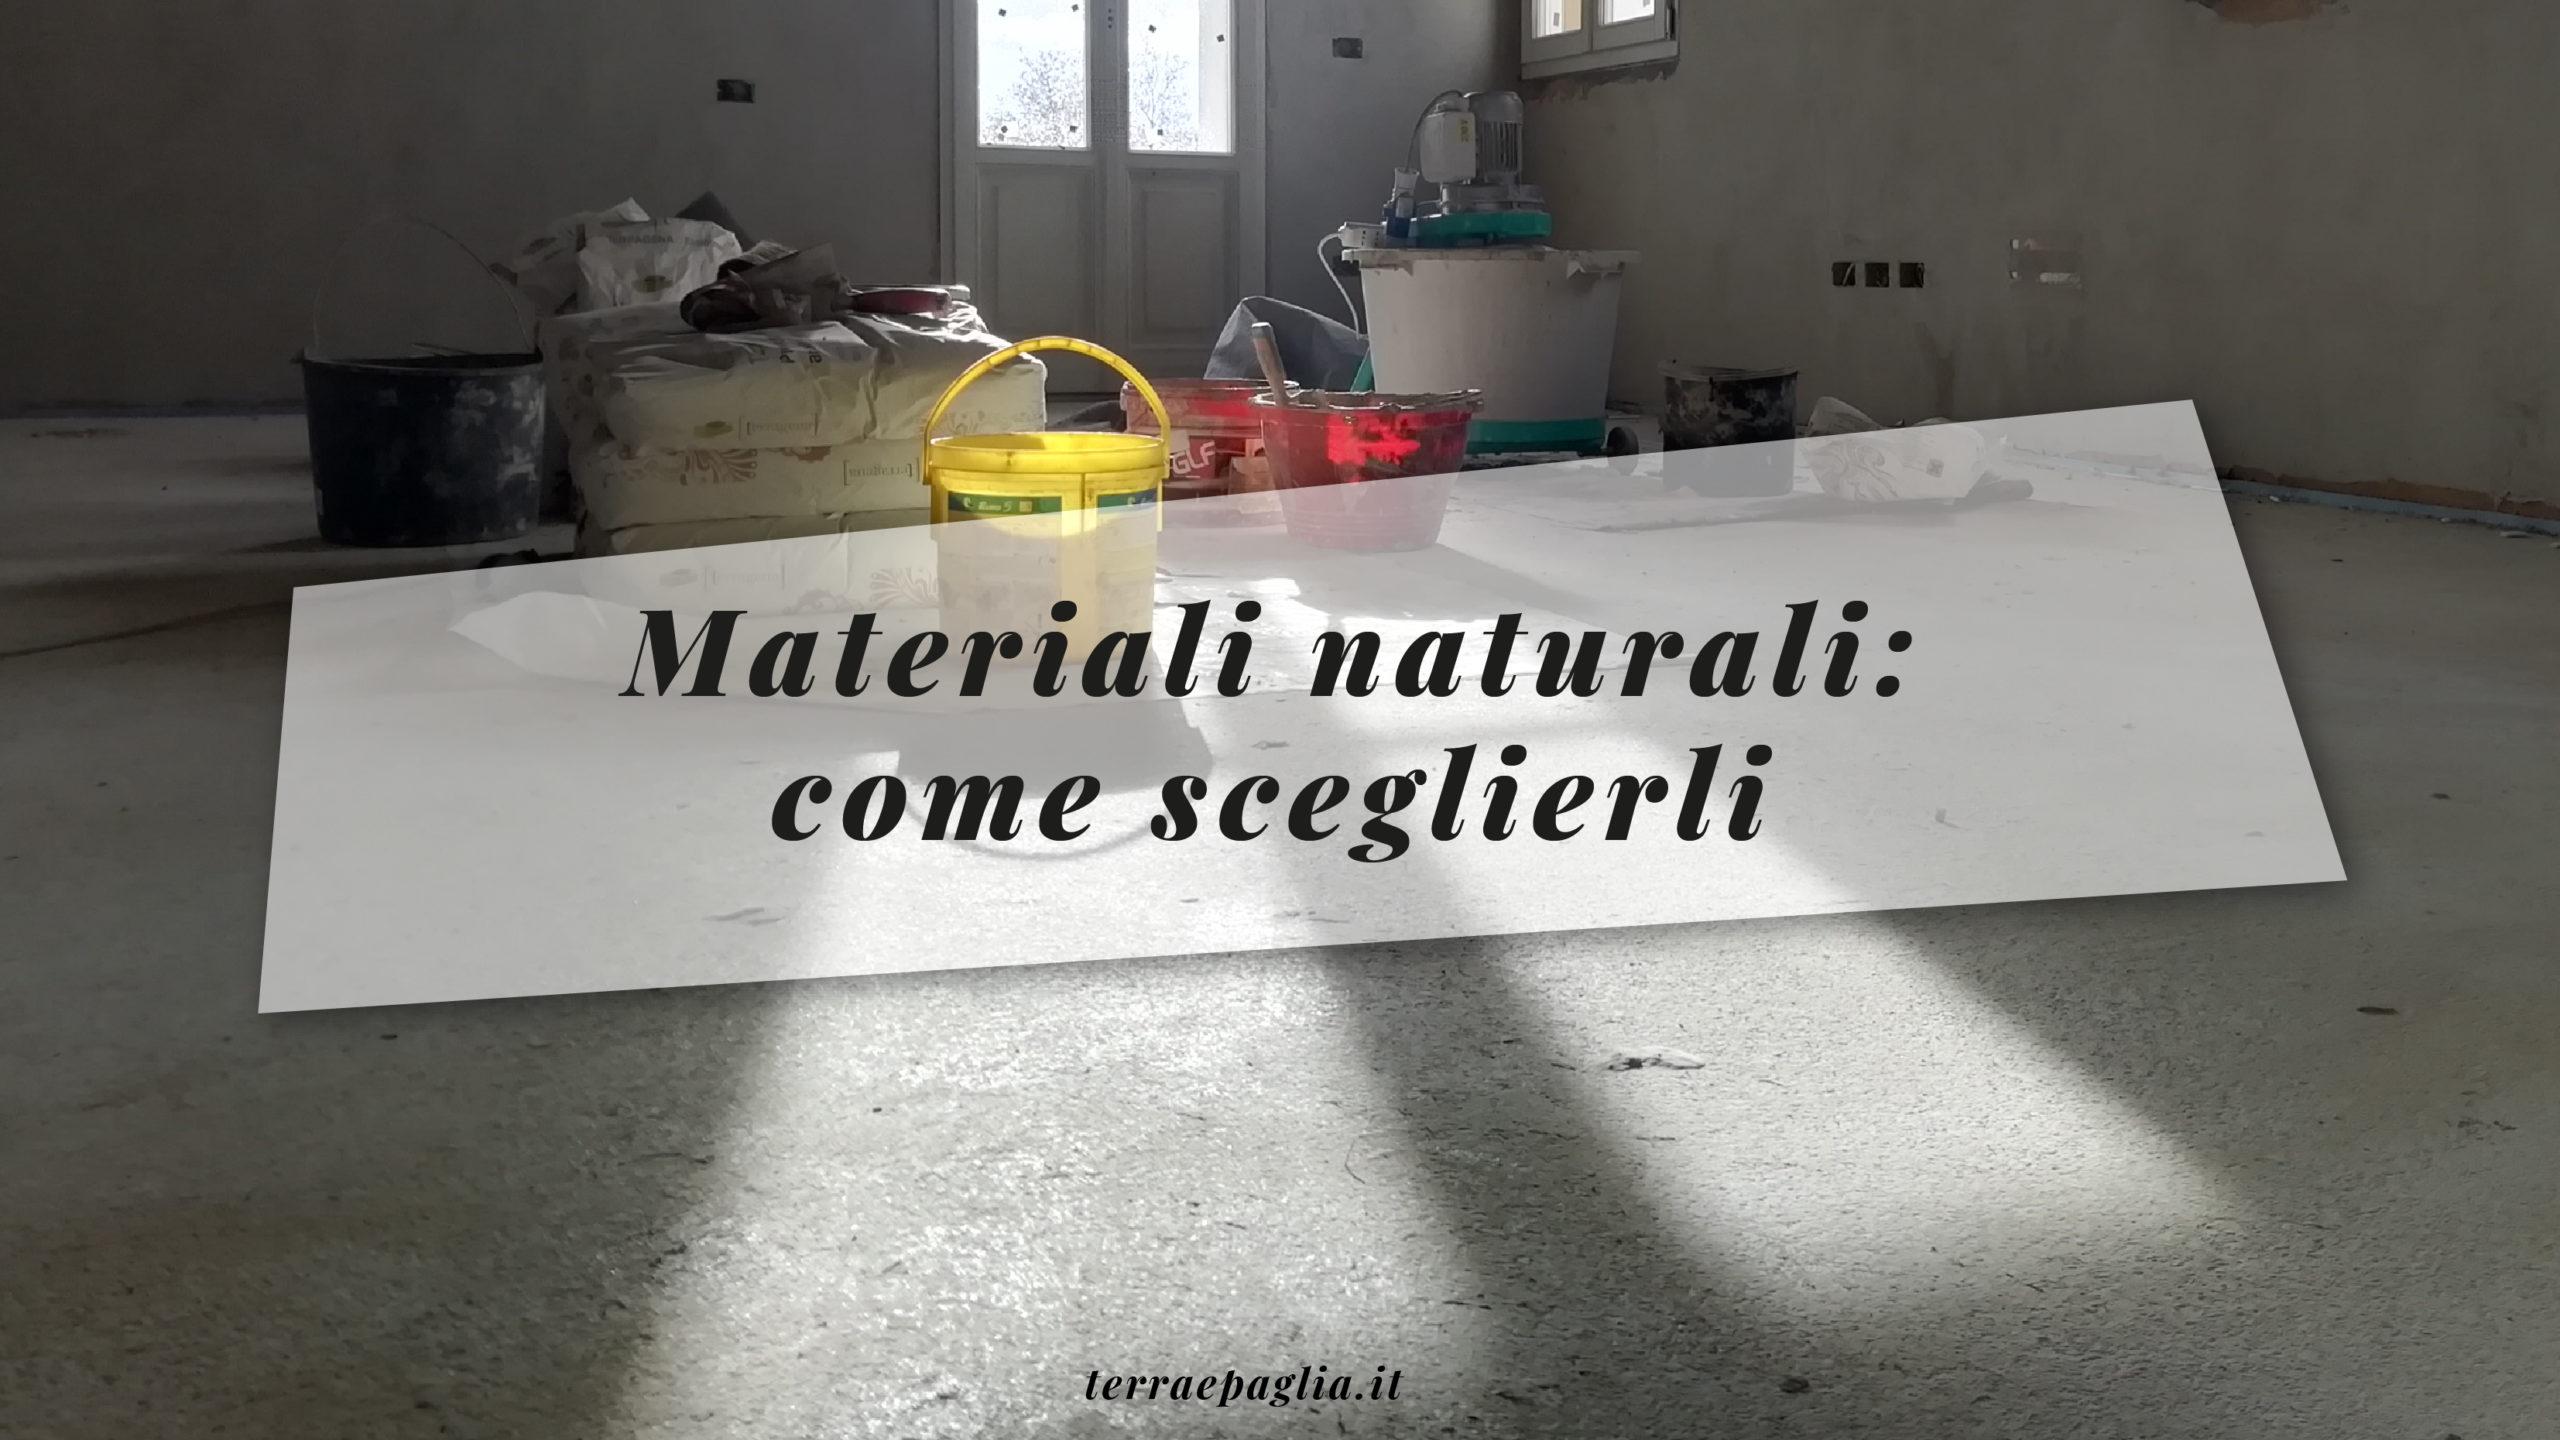 Materiali naturali: come sceglierli